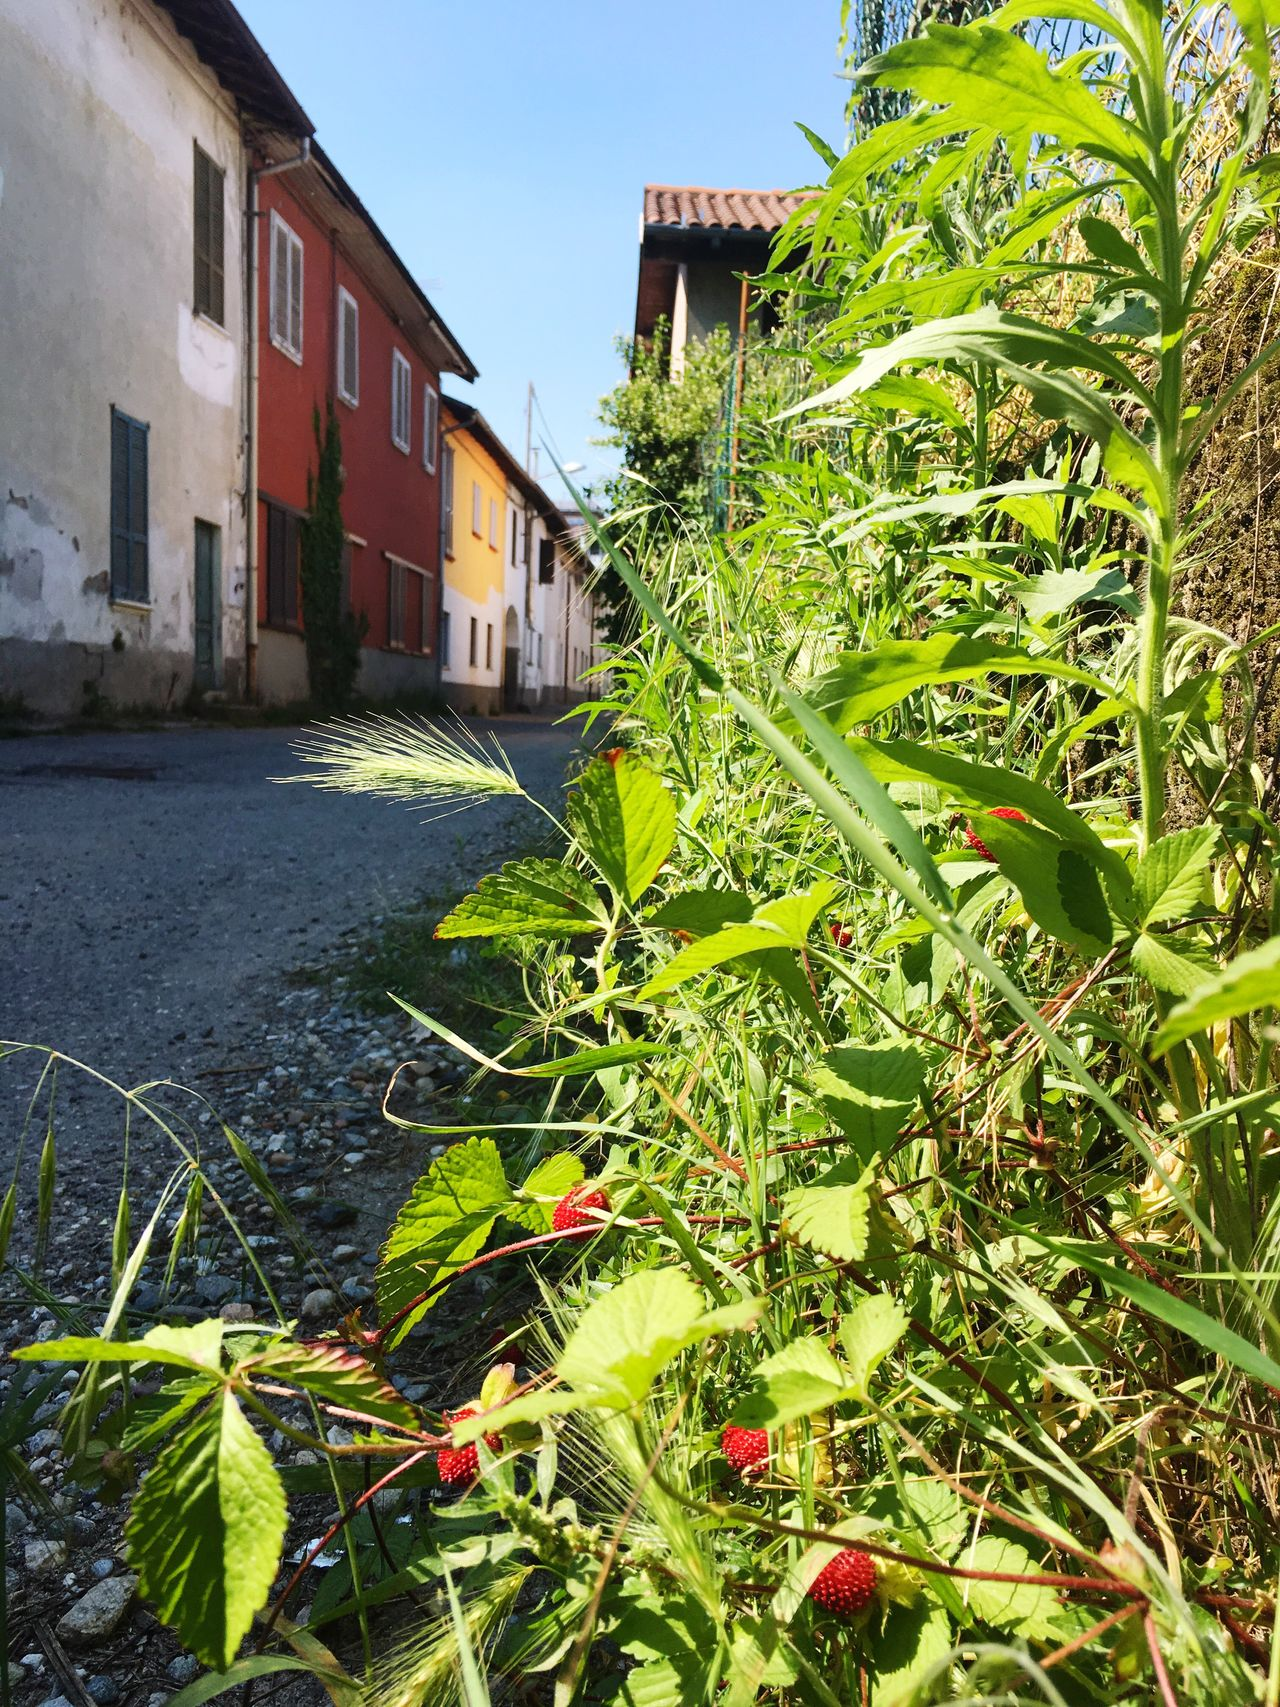 Sunny Day Siesta Sunny Italy Bella Italia Road Strawberry